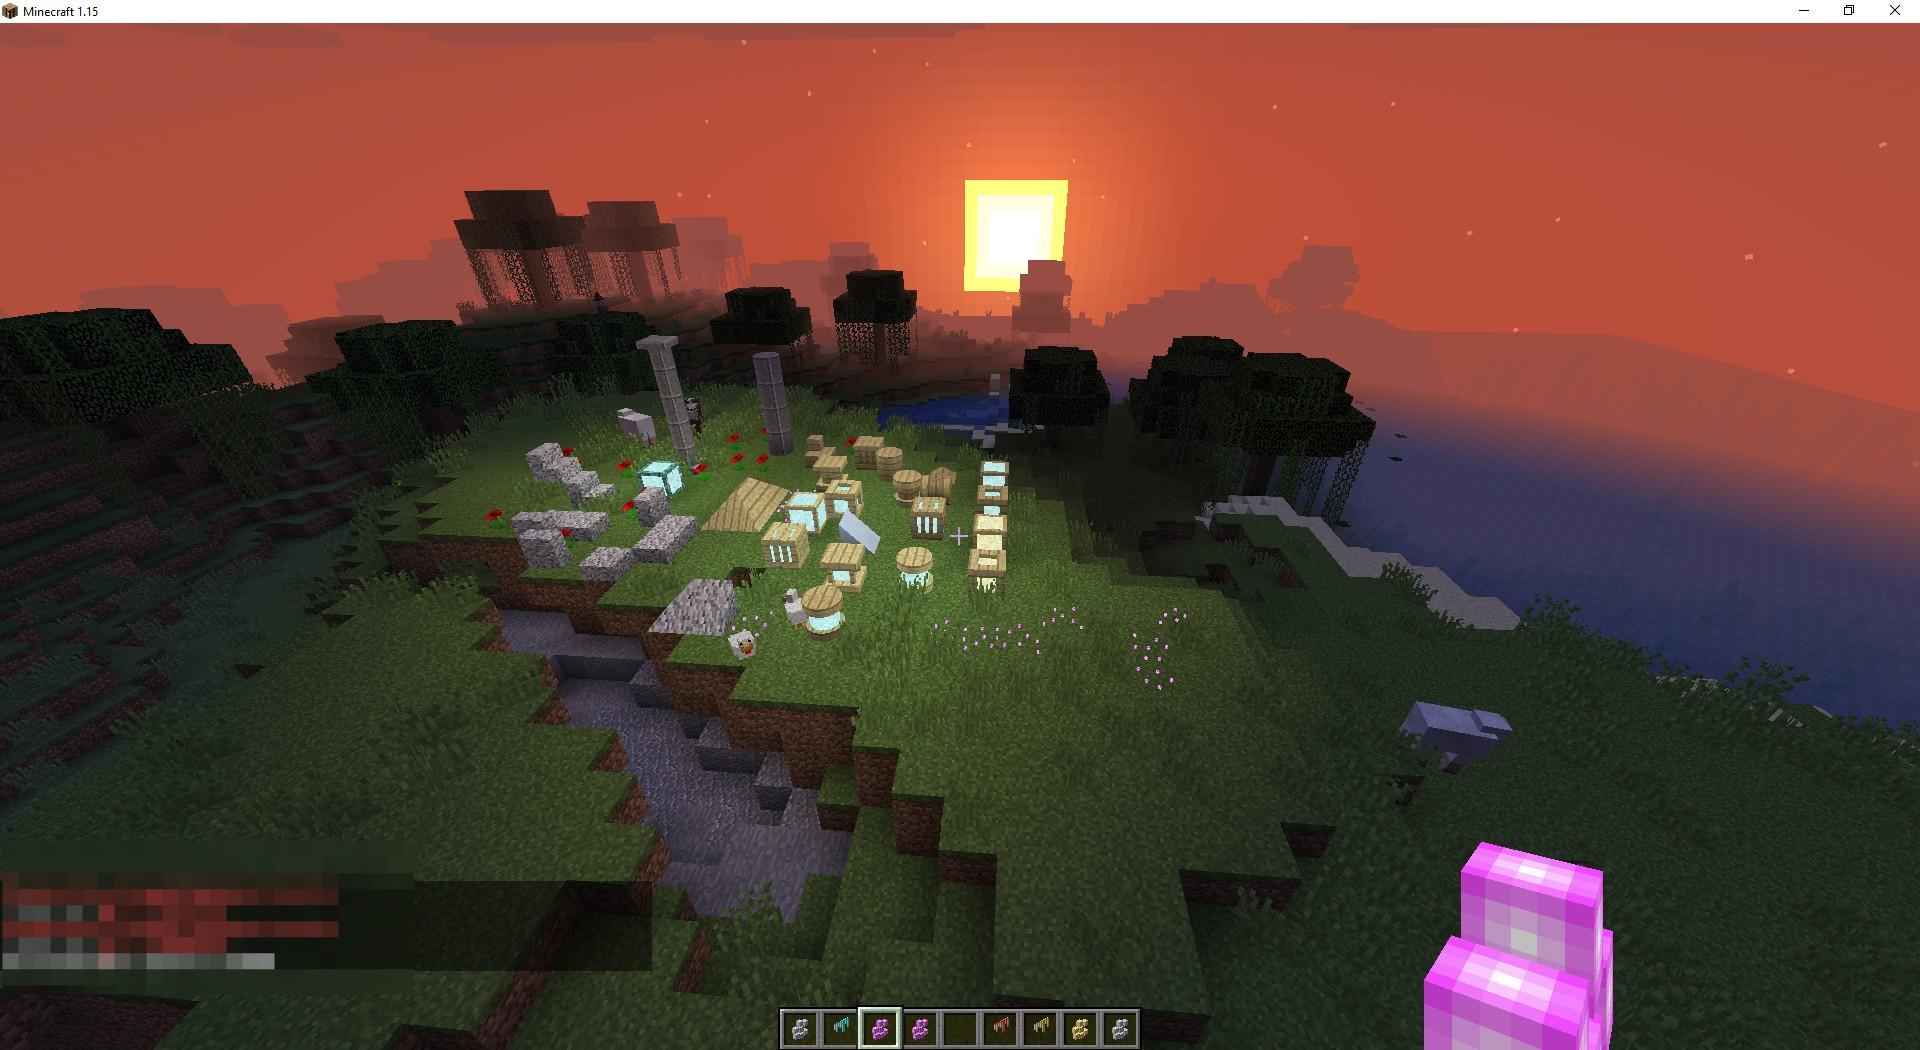 Мод Exotic Blocks— более 1000 строительных блоков - скриншот 1